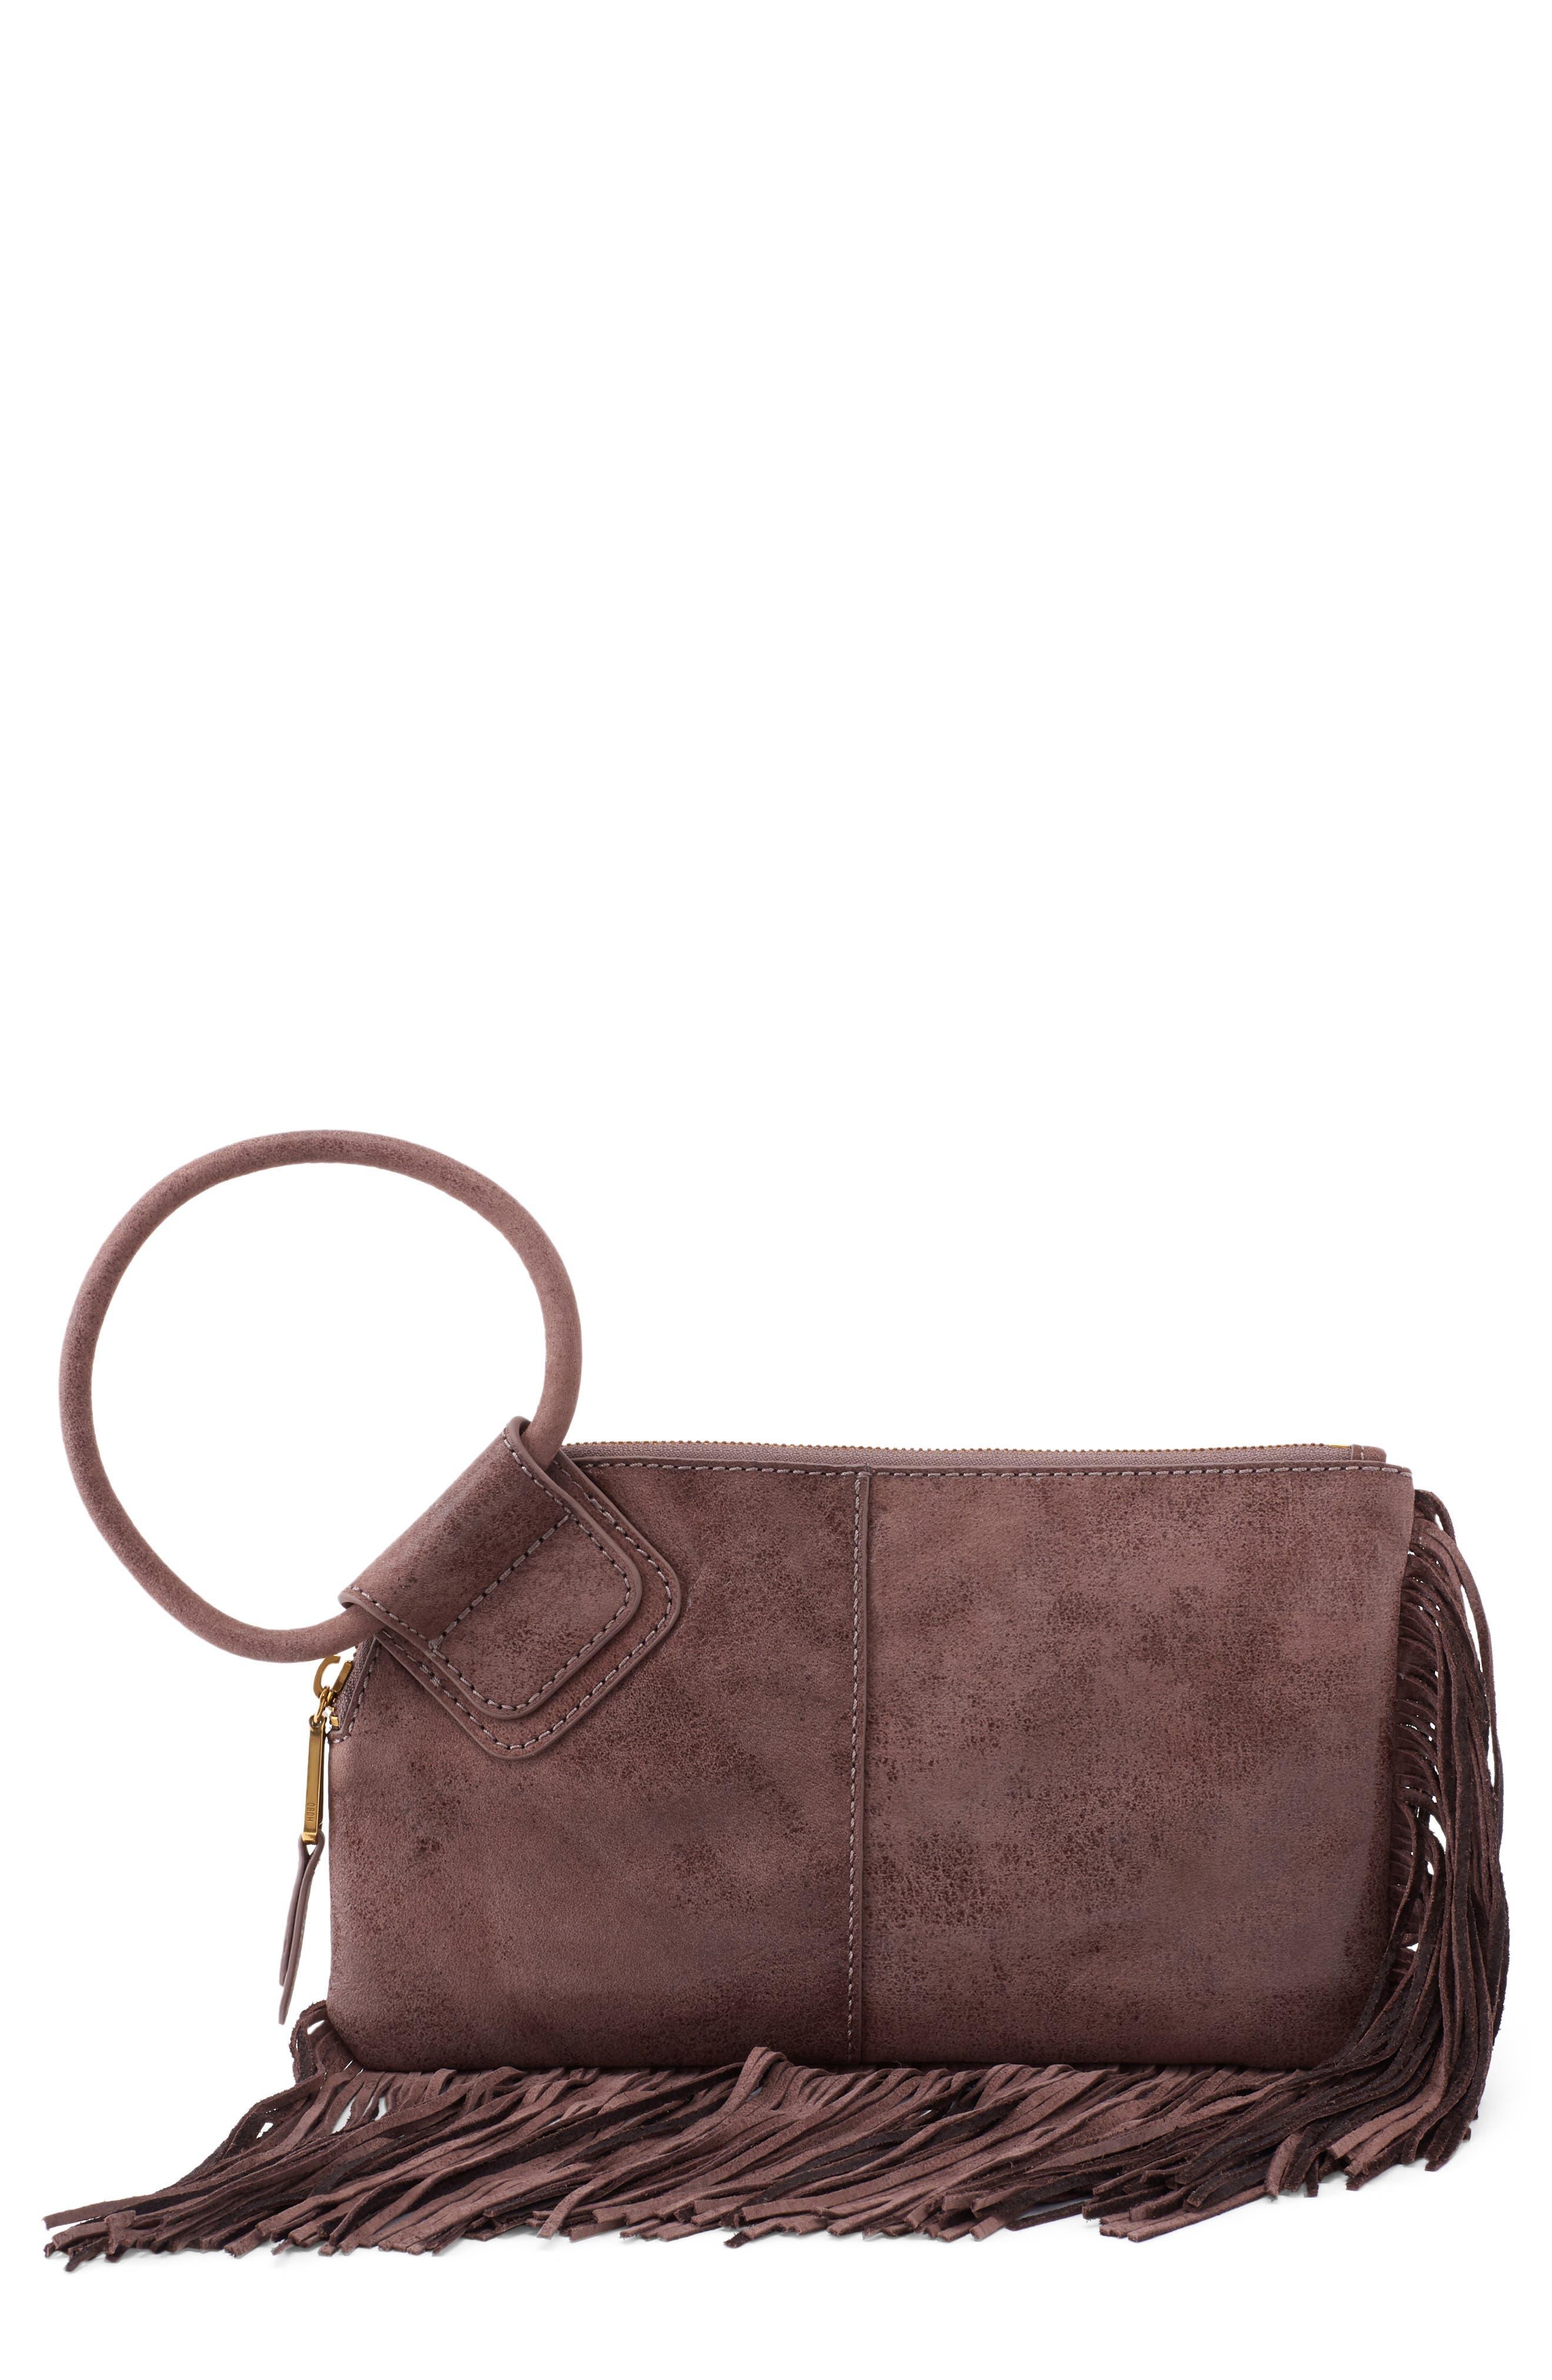 Sable Fringe Leather Wristlet Clutch